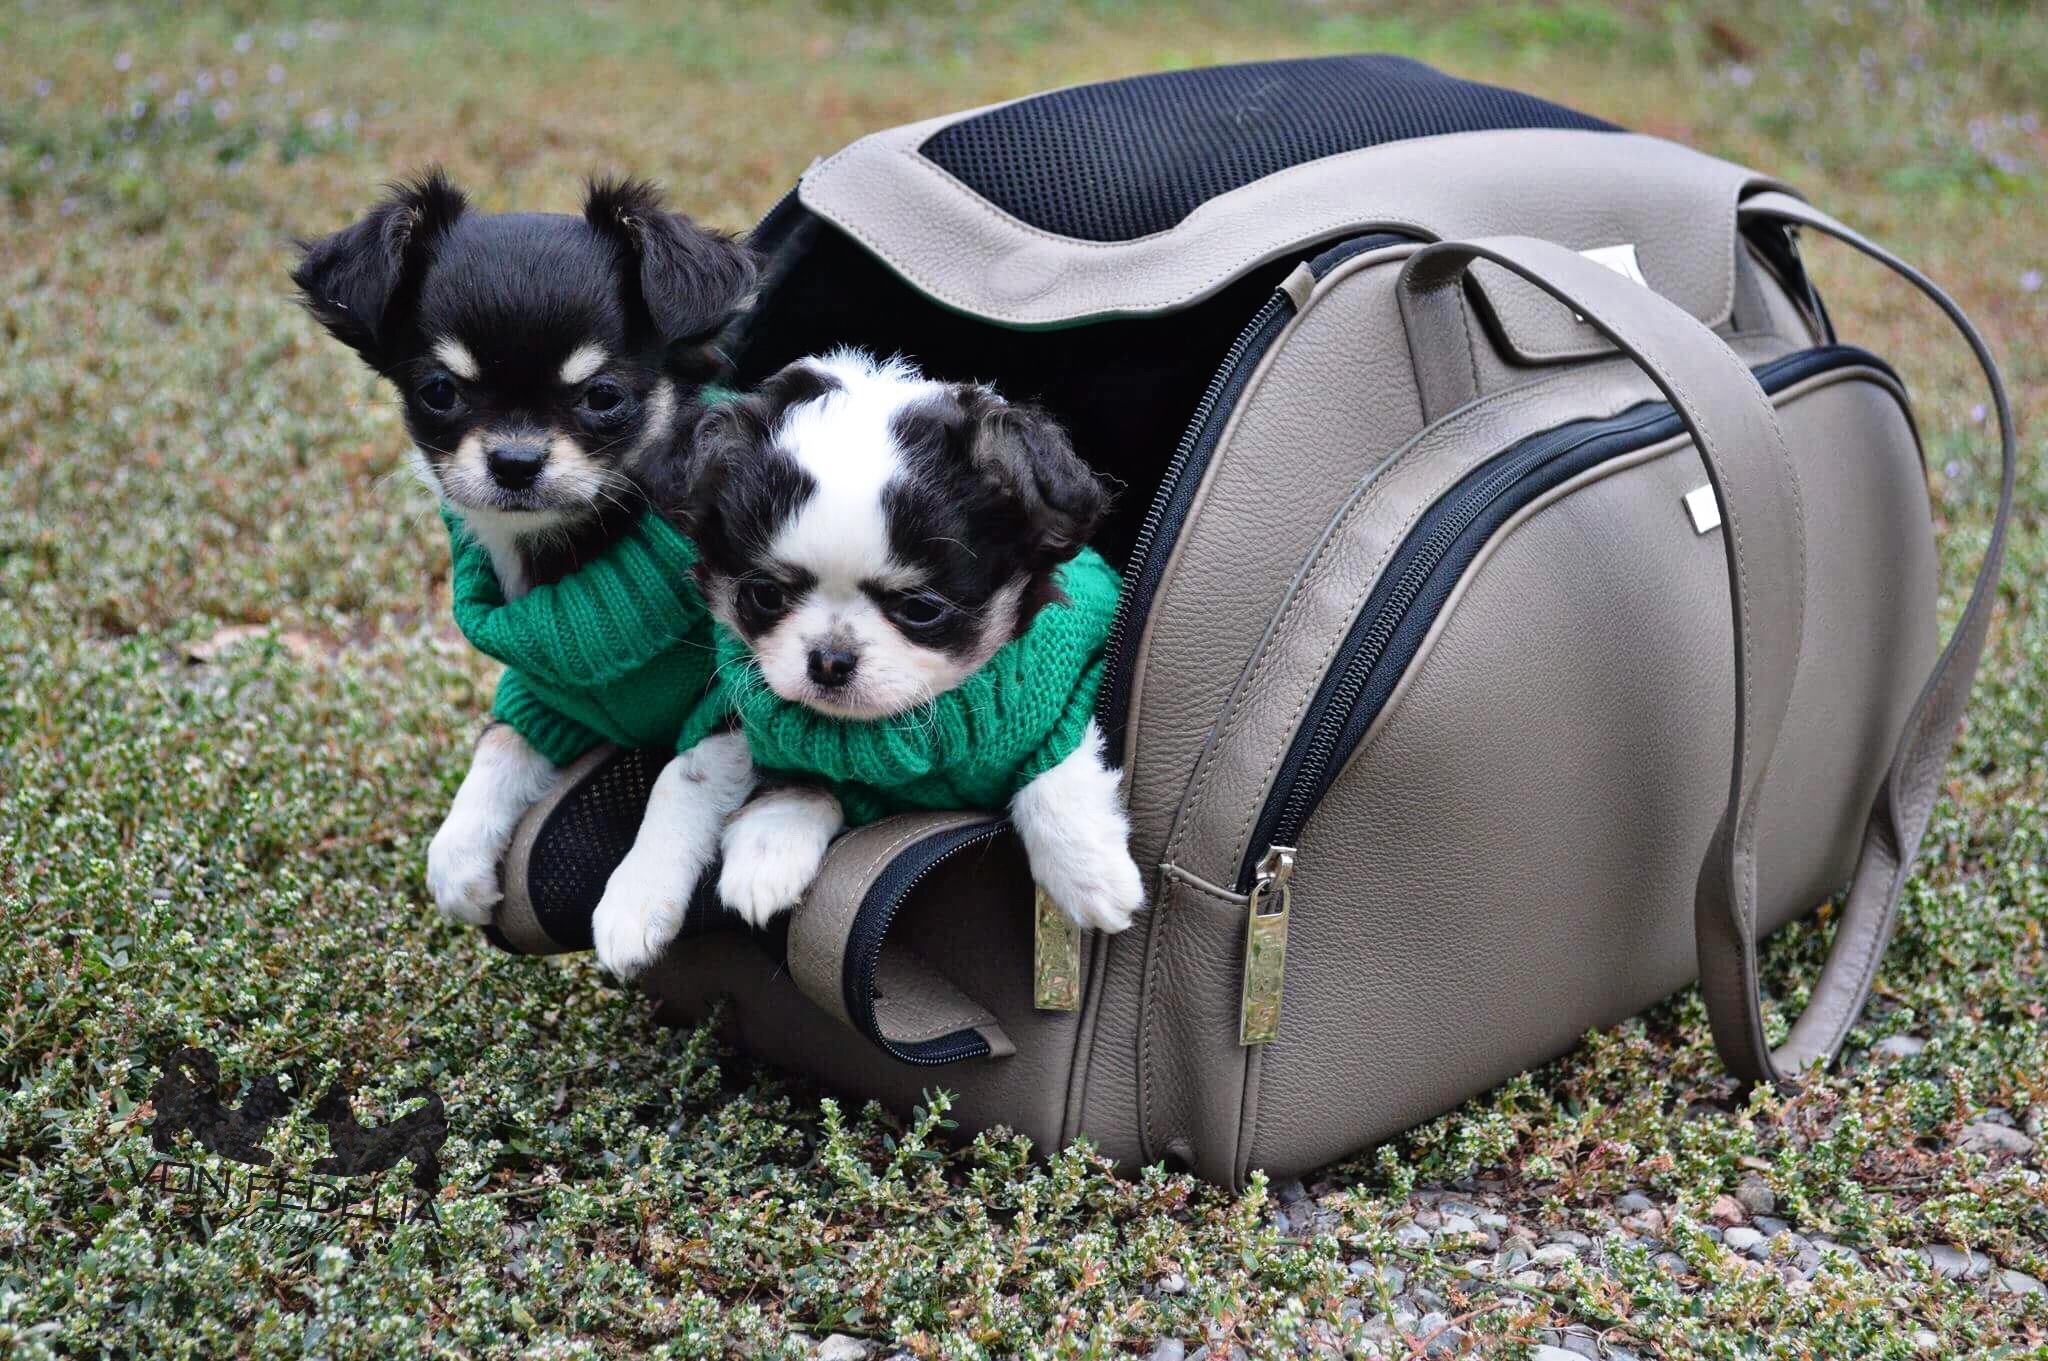 Pollon e Rebecca von Fedelia modelle per Doggyly